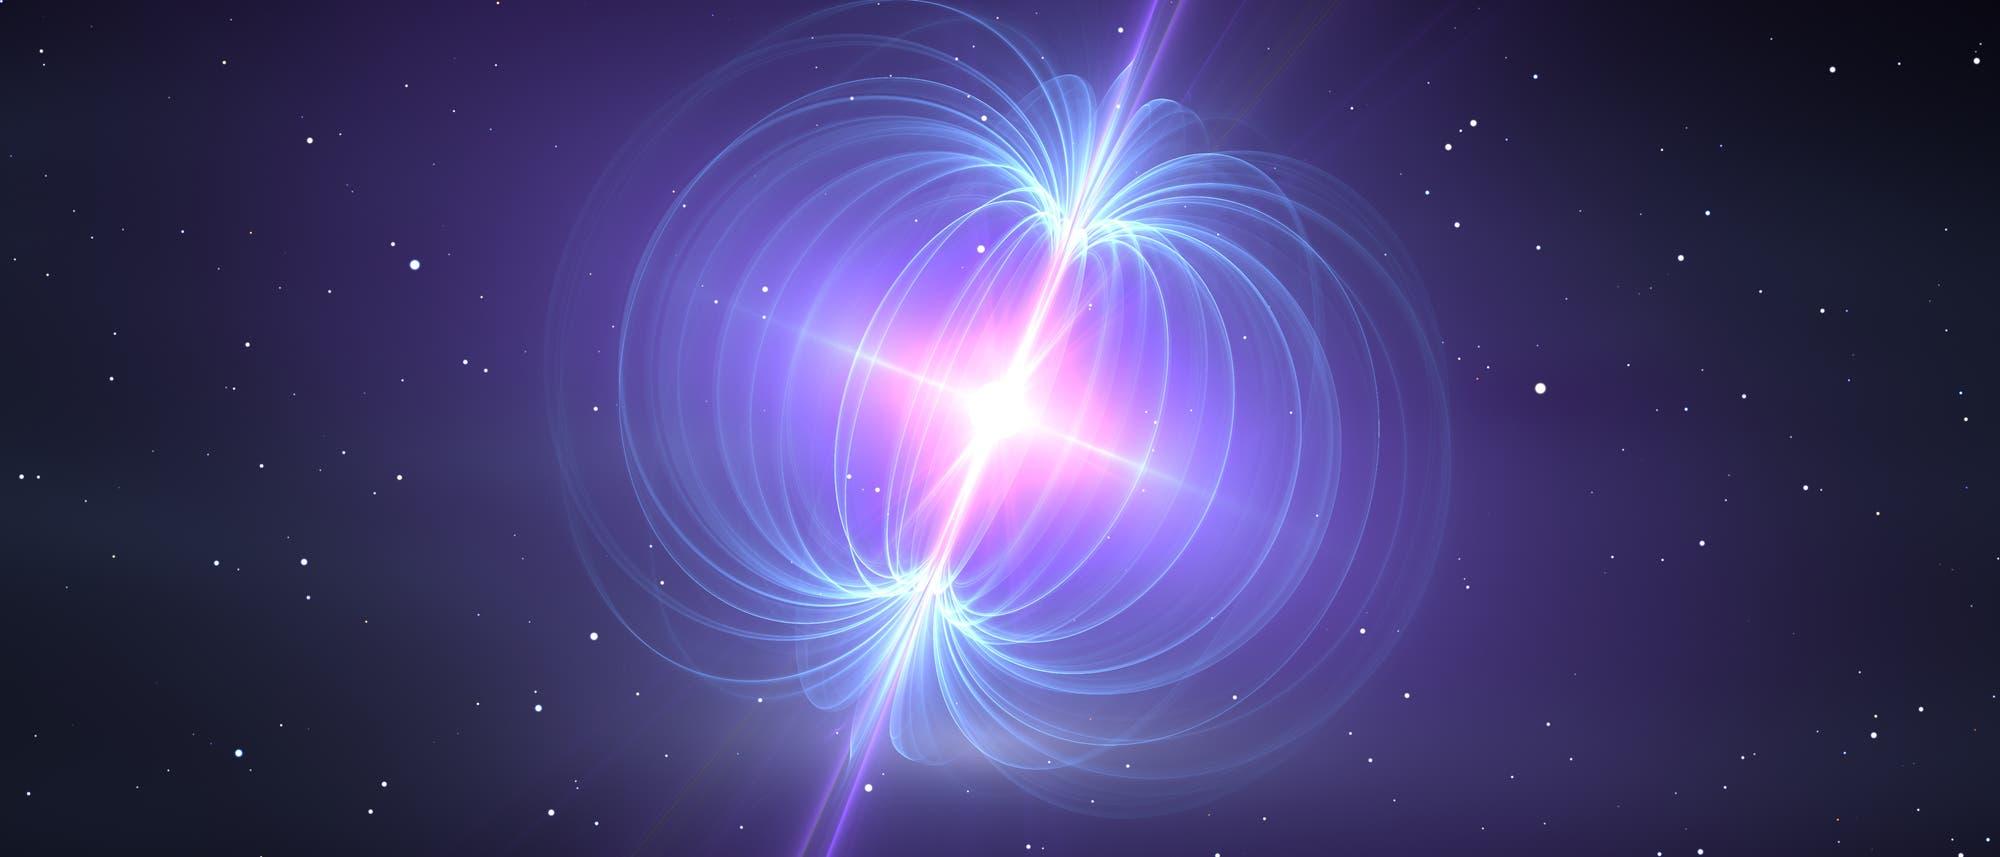 Die Illustration zeigt ein energiereiches Ereignis im Weltraum.